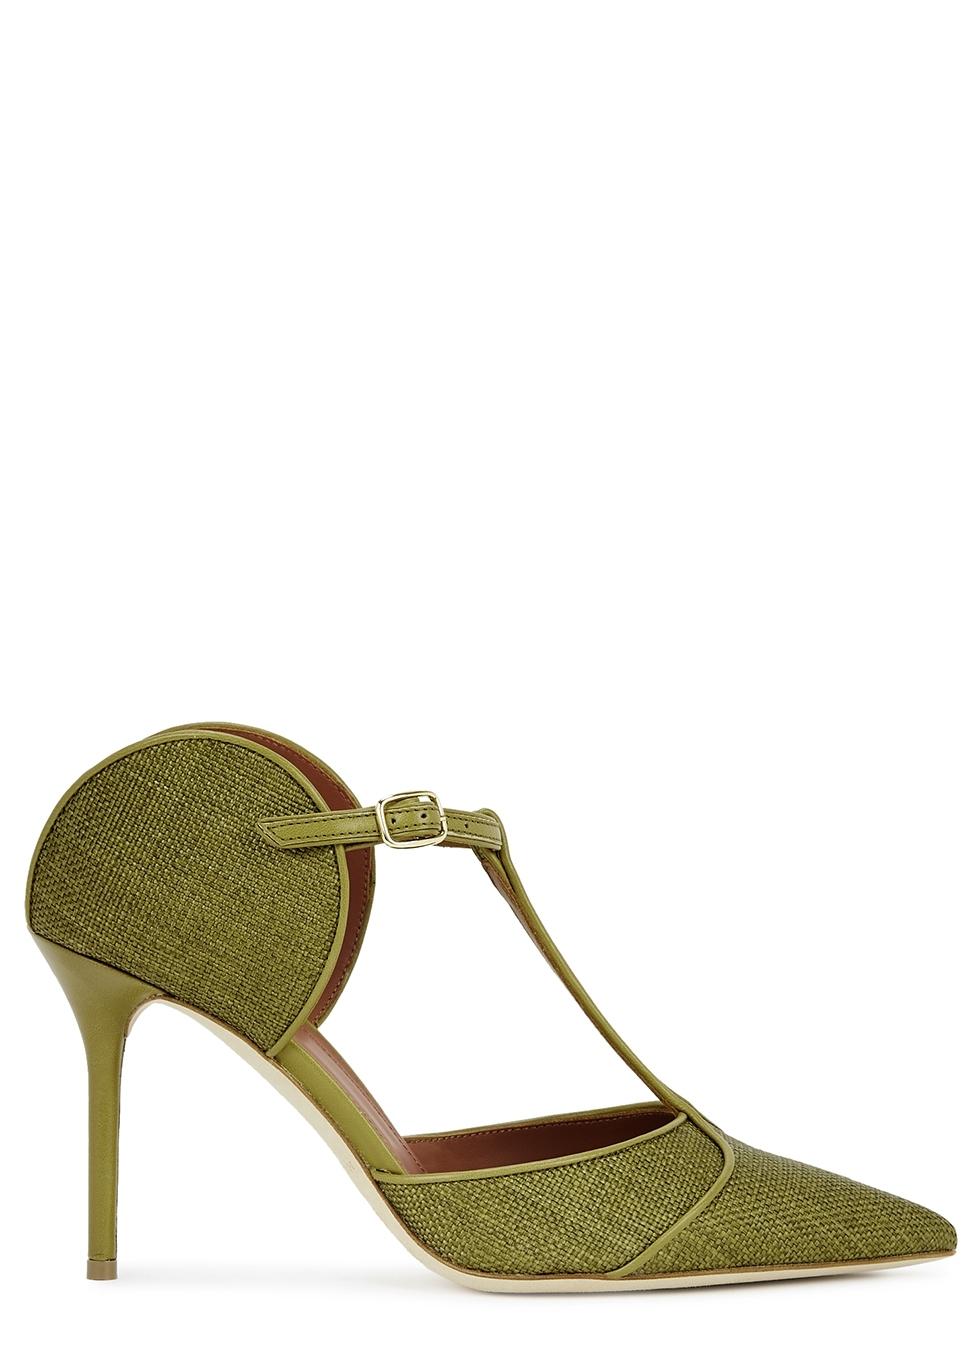 d77e4fe3ca Women's Designer Shoes - Ladies Shoes - Harvey Nichols